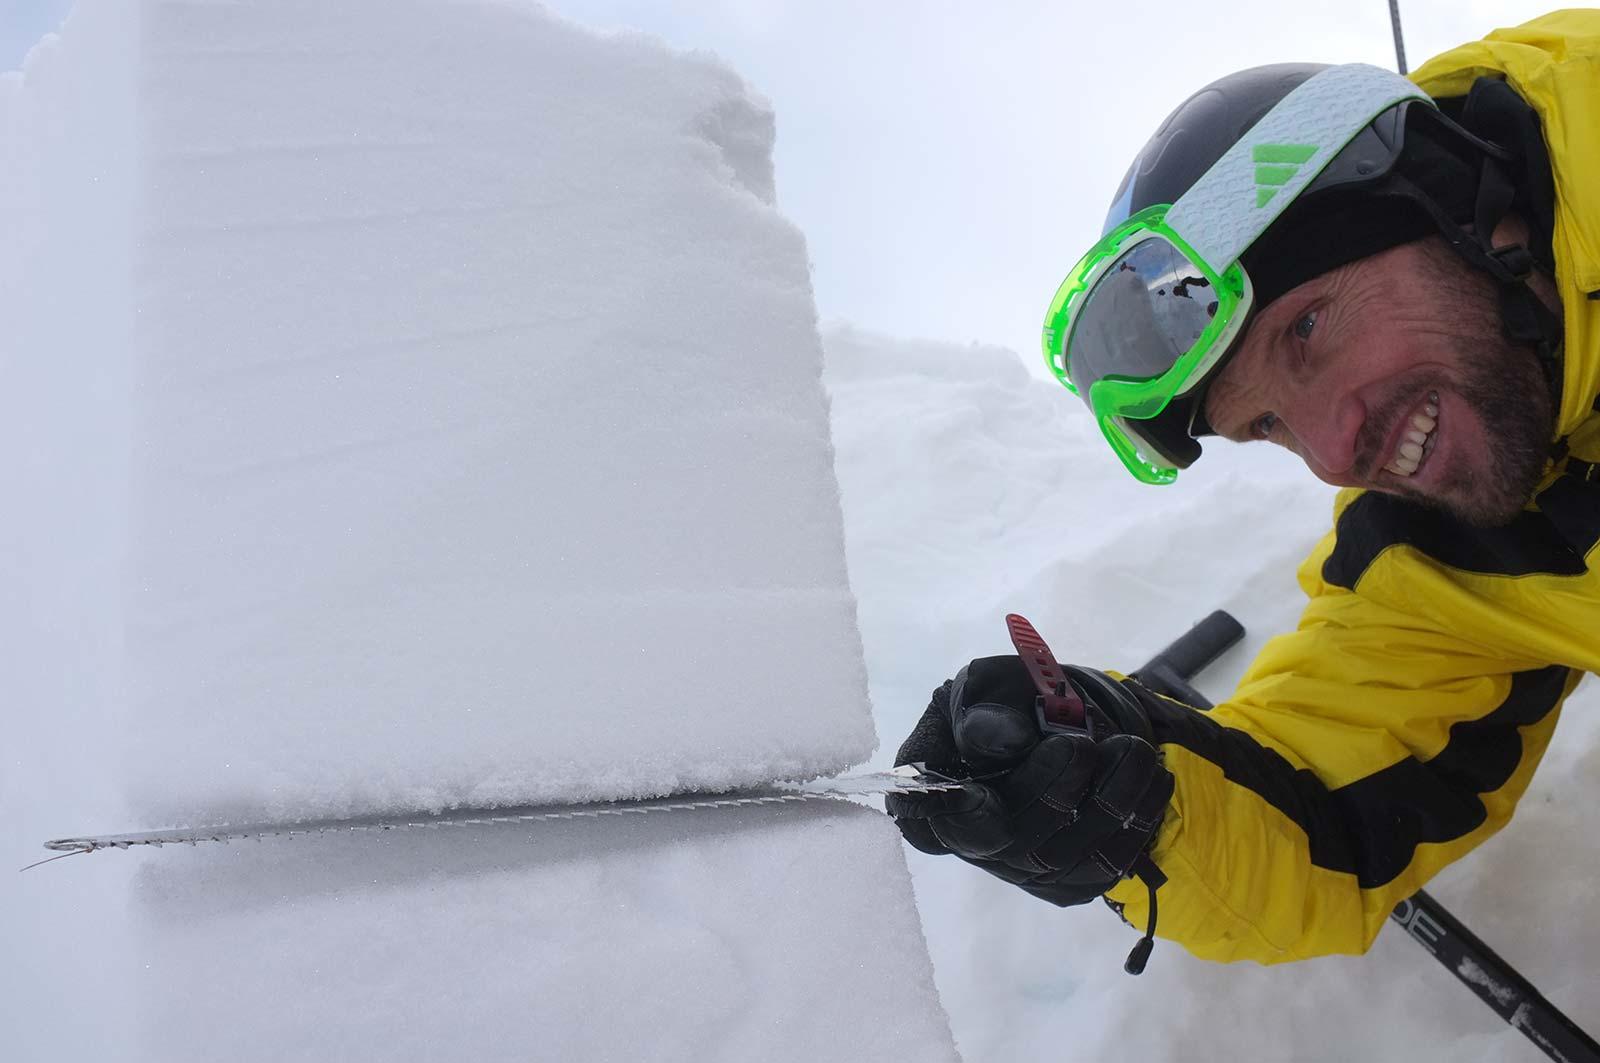 Schneedeckenuntersuchung | LO.LA Alpine Safety Management